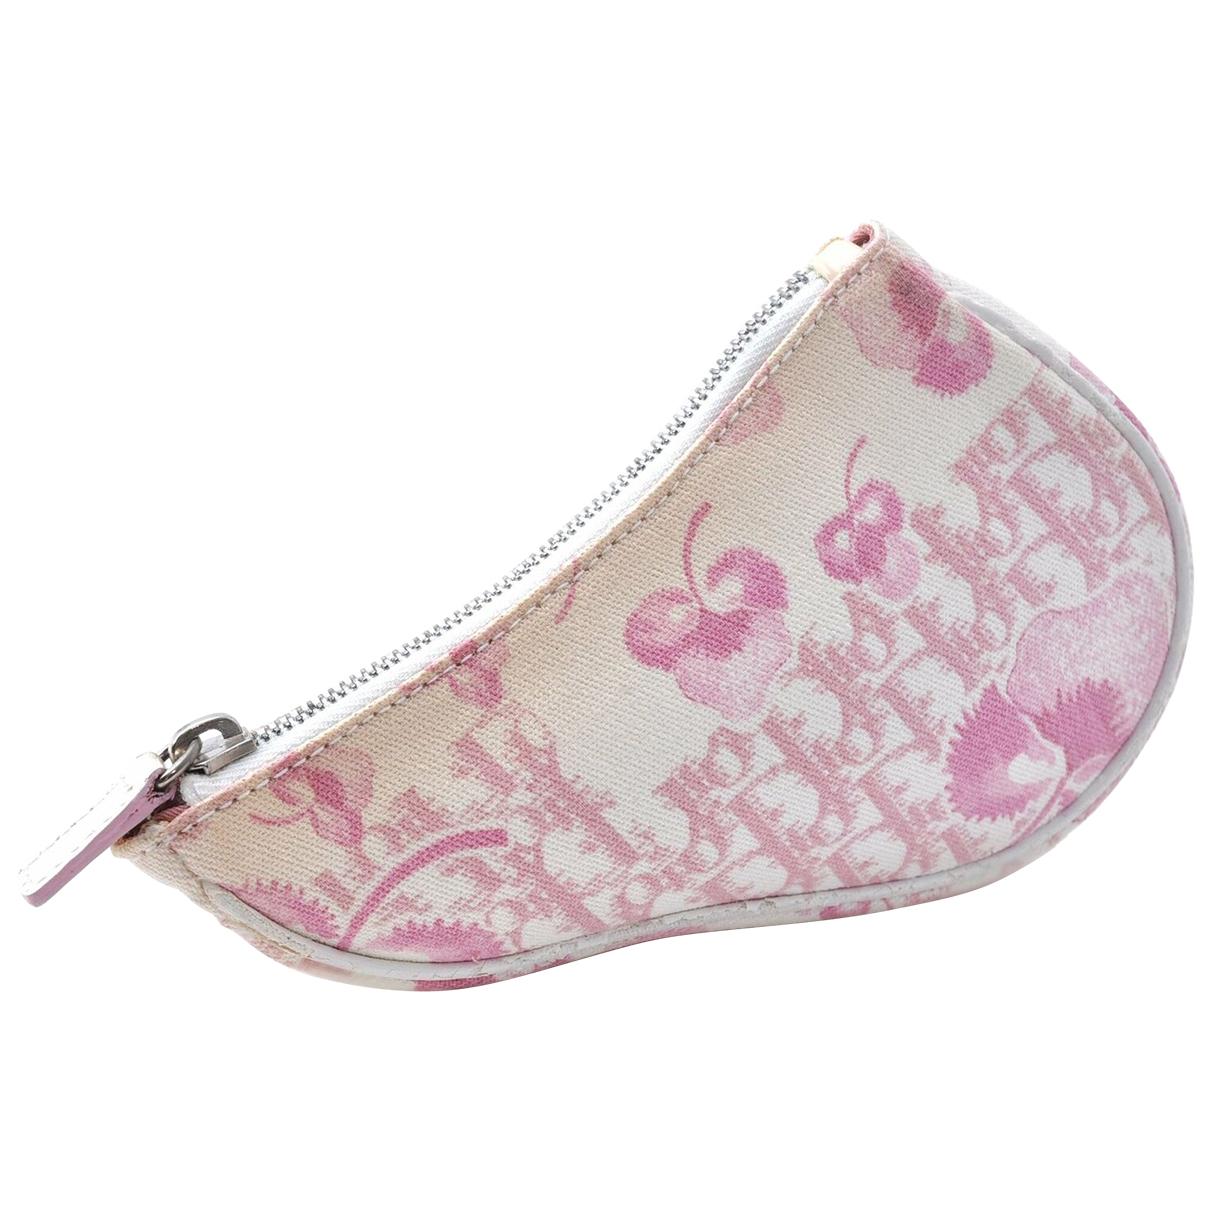 Dior - Sac a main   pour femme en toile - rose